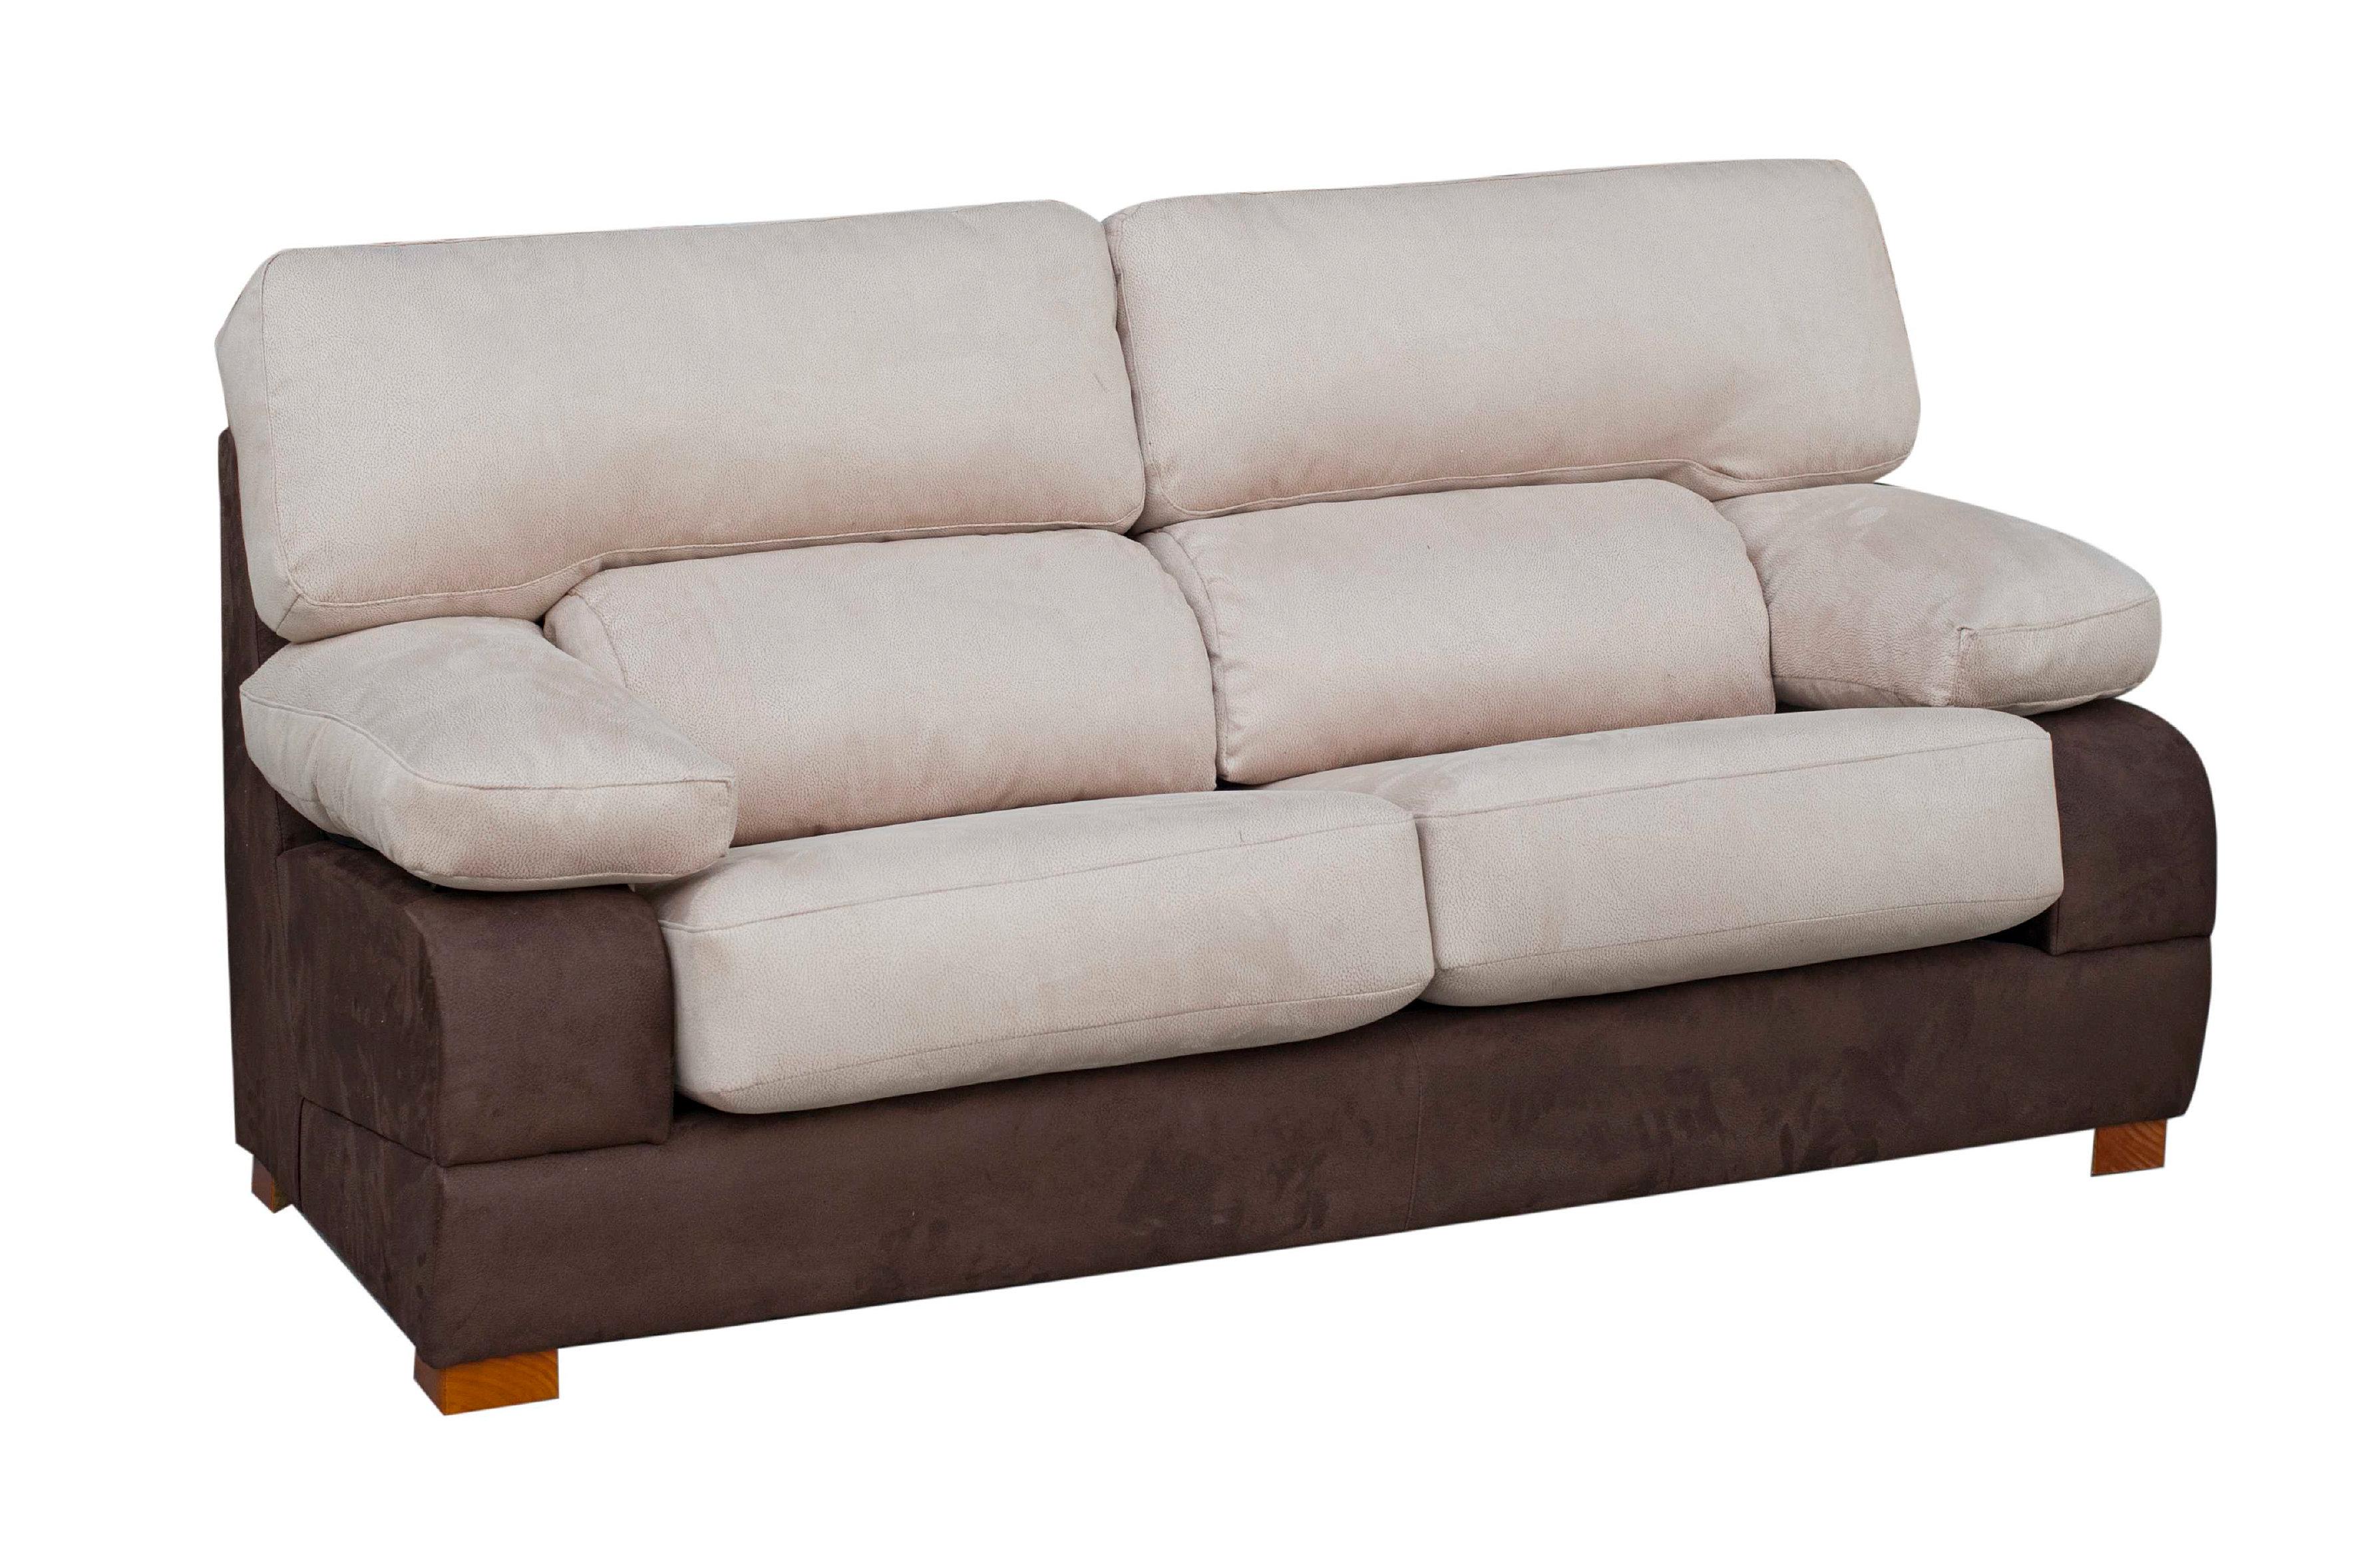 sofa madrid tienda moroni monika family sofÁs badajoz  de sofás en